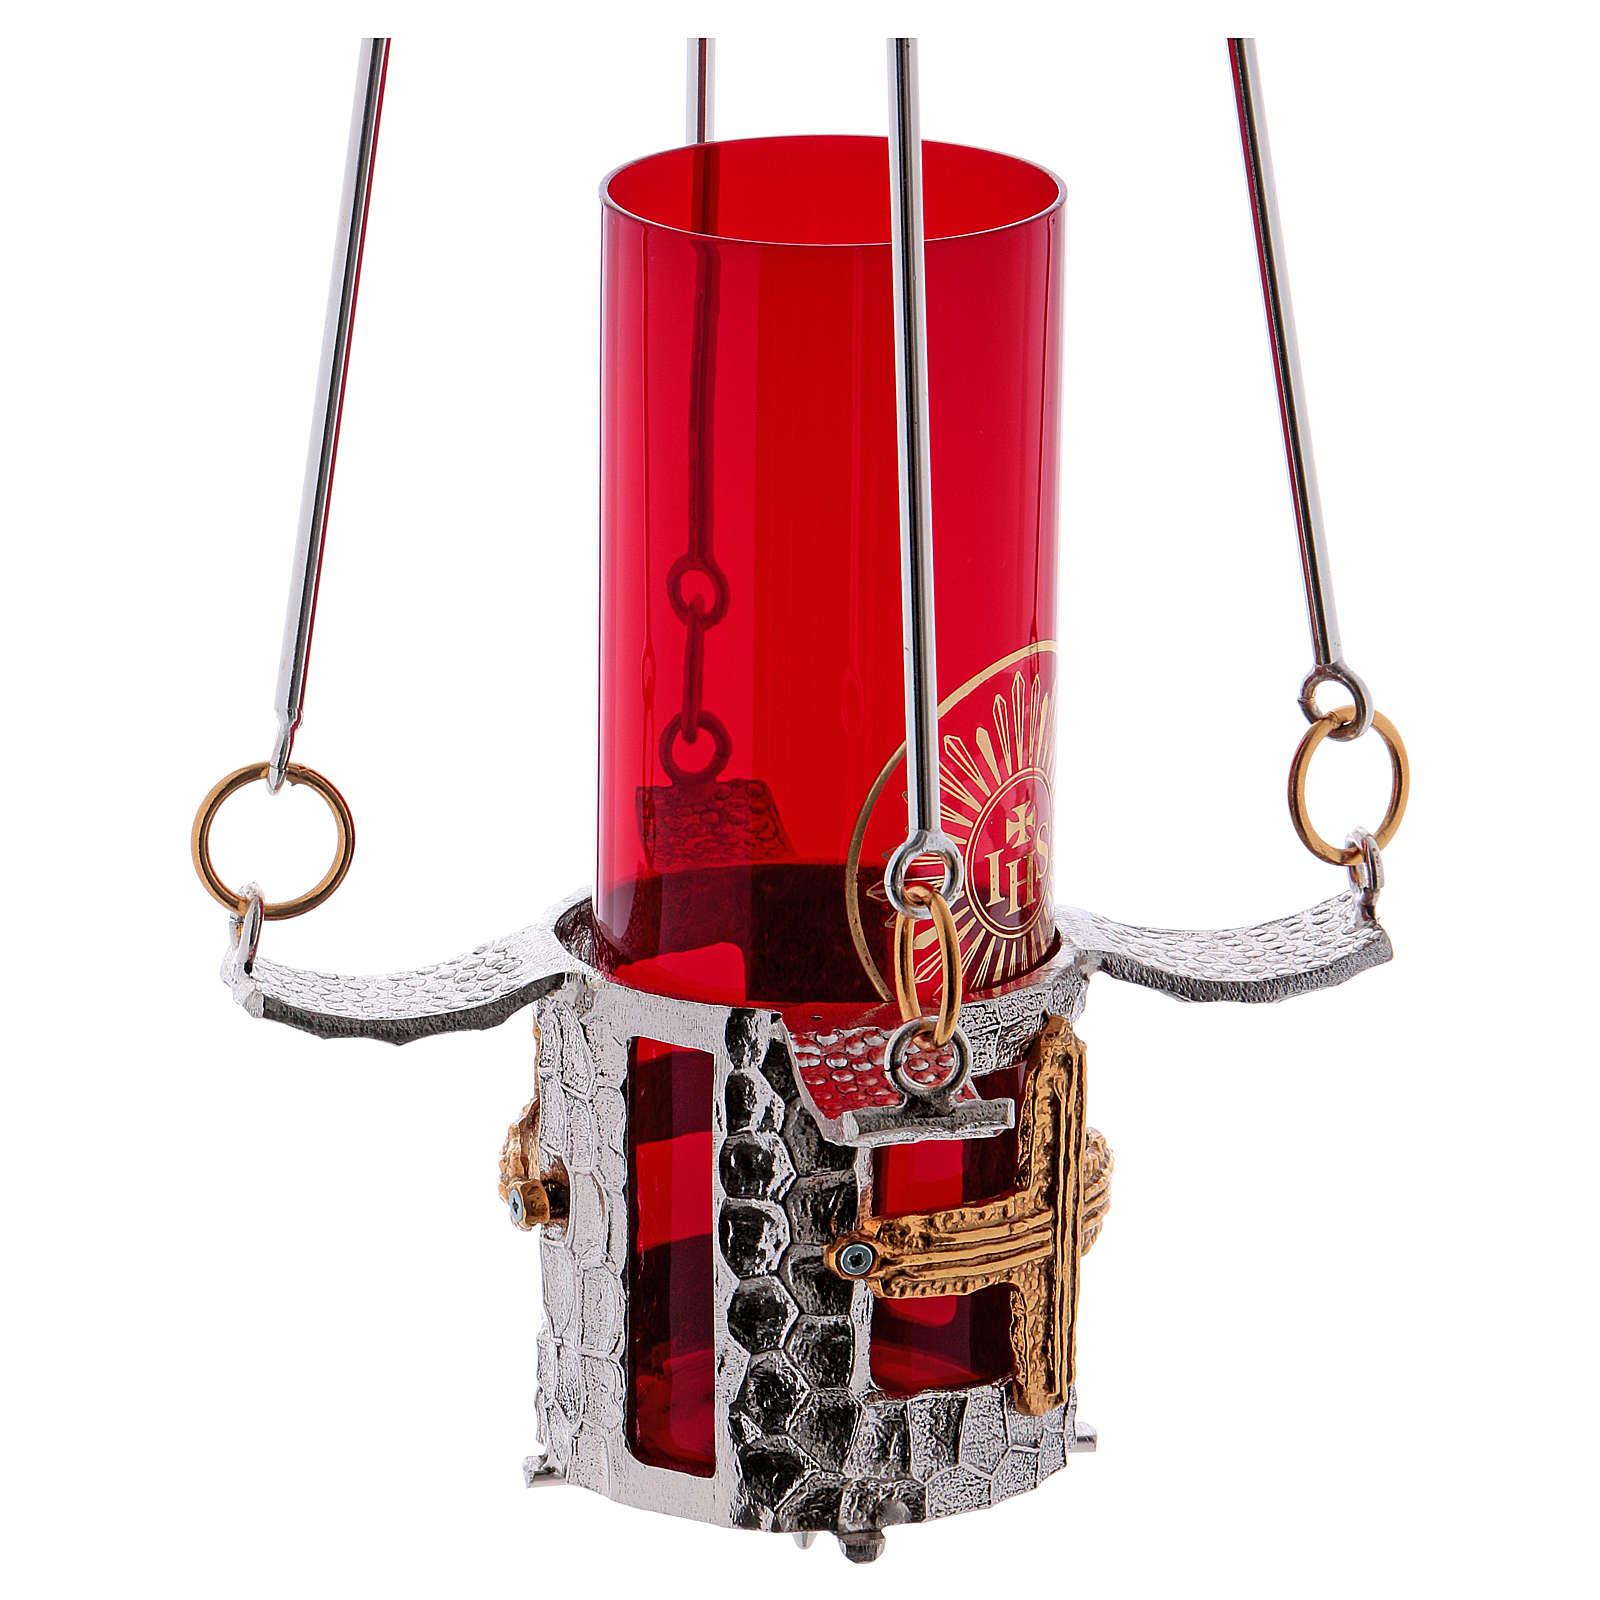 Lampe Allerheiligsten um zu haengen Bronze H. 75 Zentimeter 3